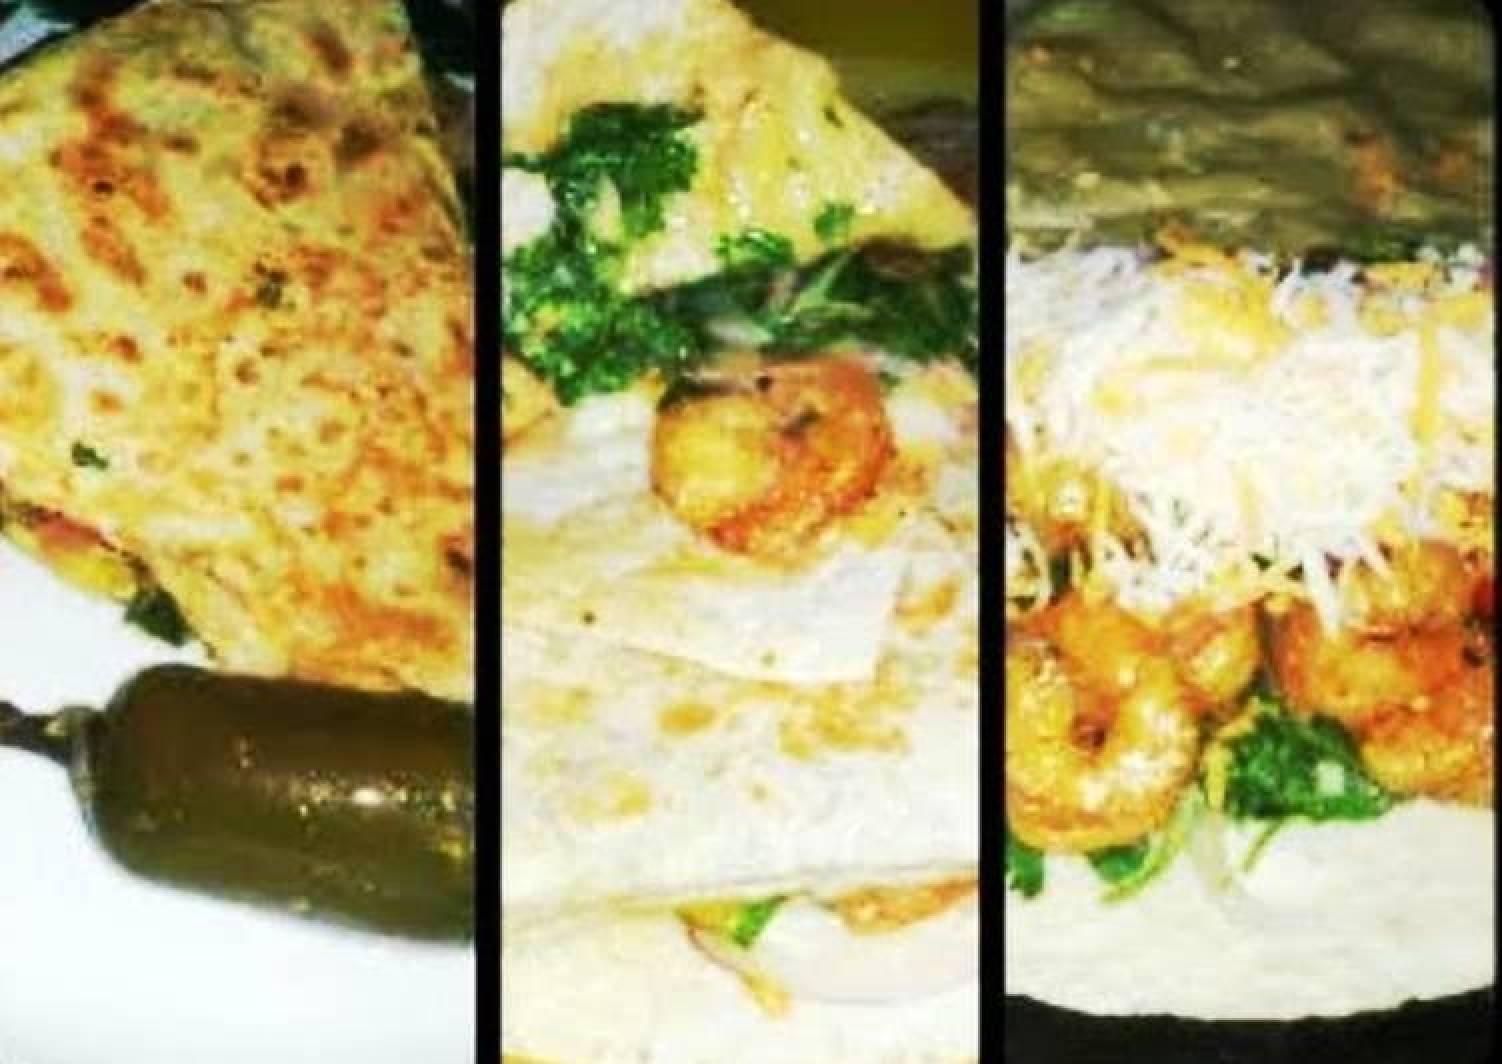 Ray's' Spicy Shrimp Quesadillas